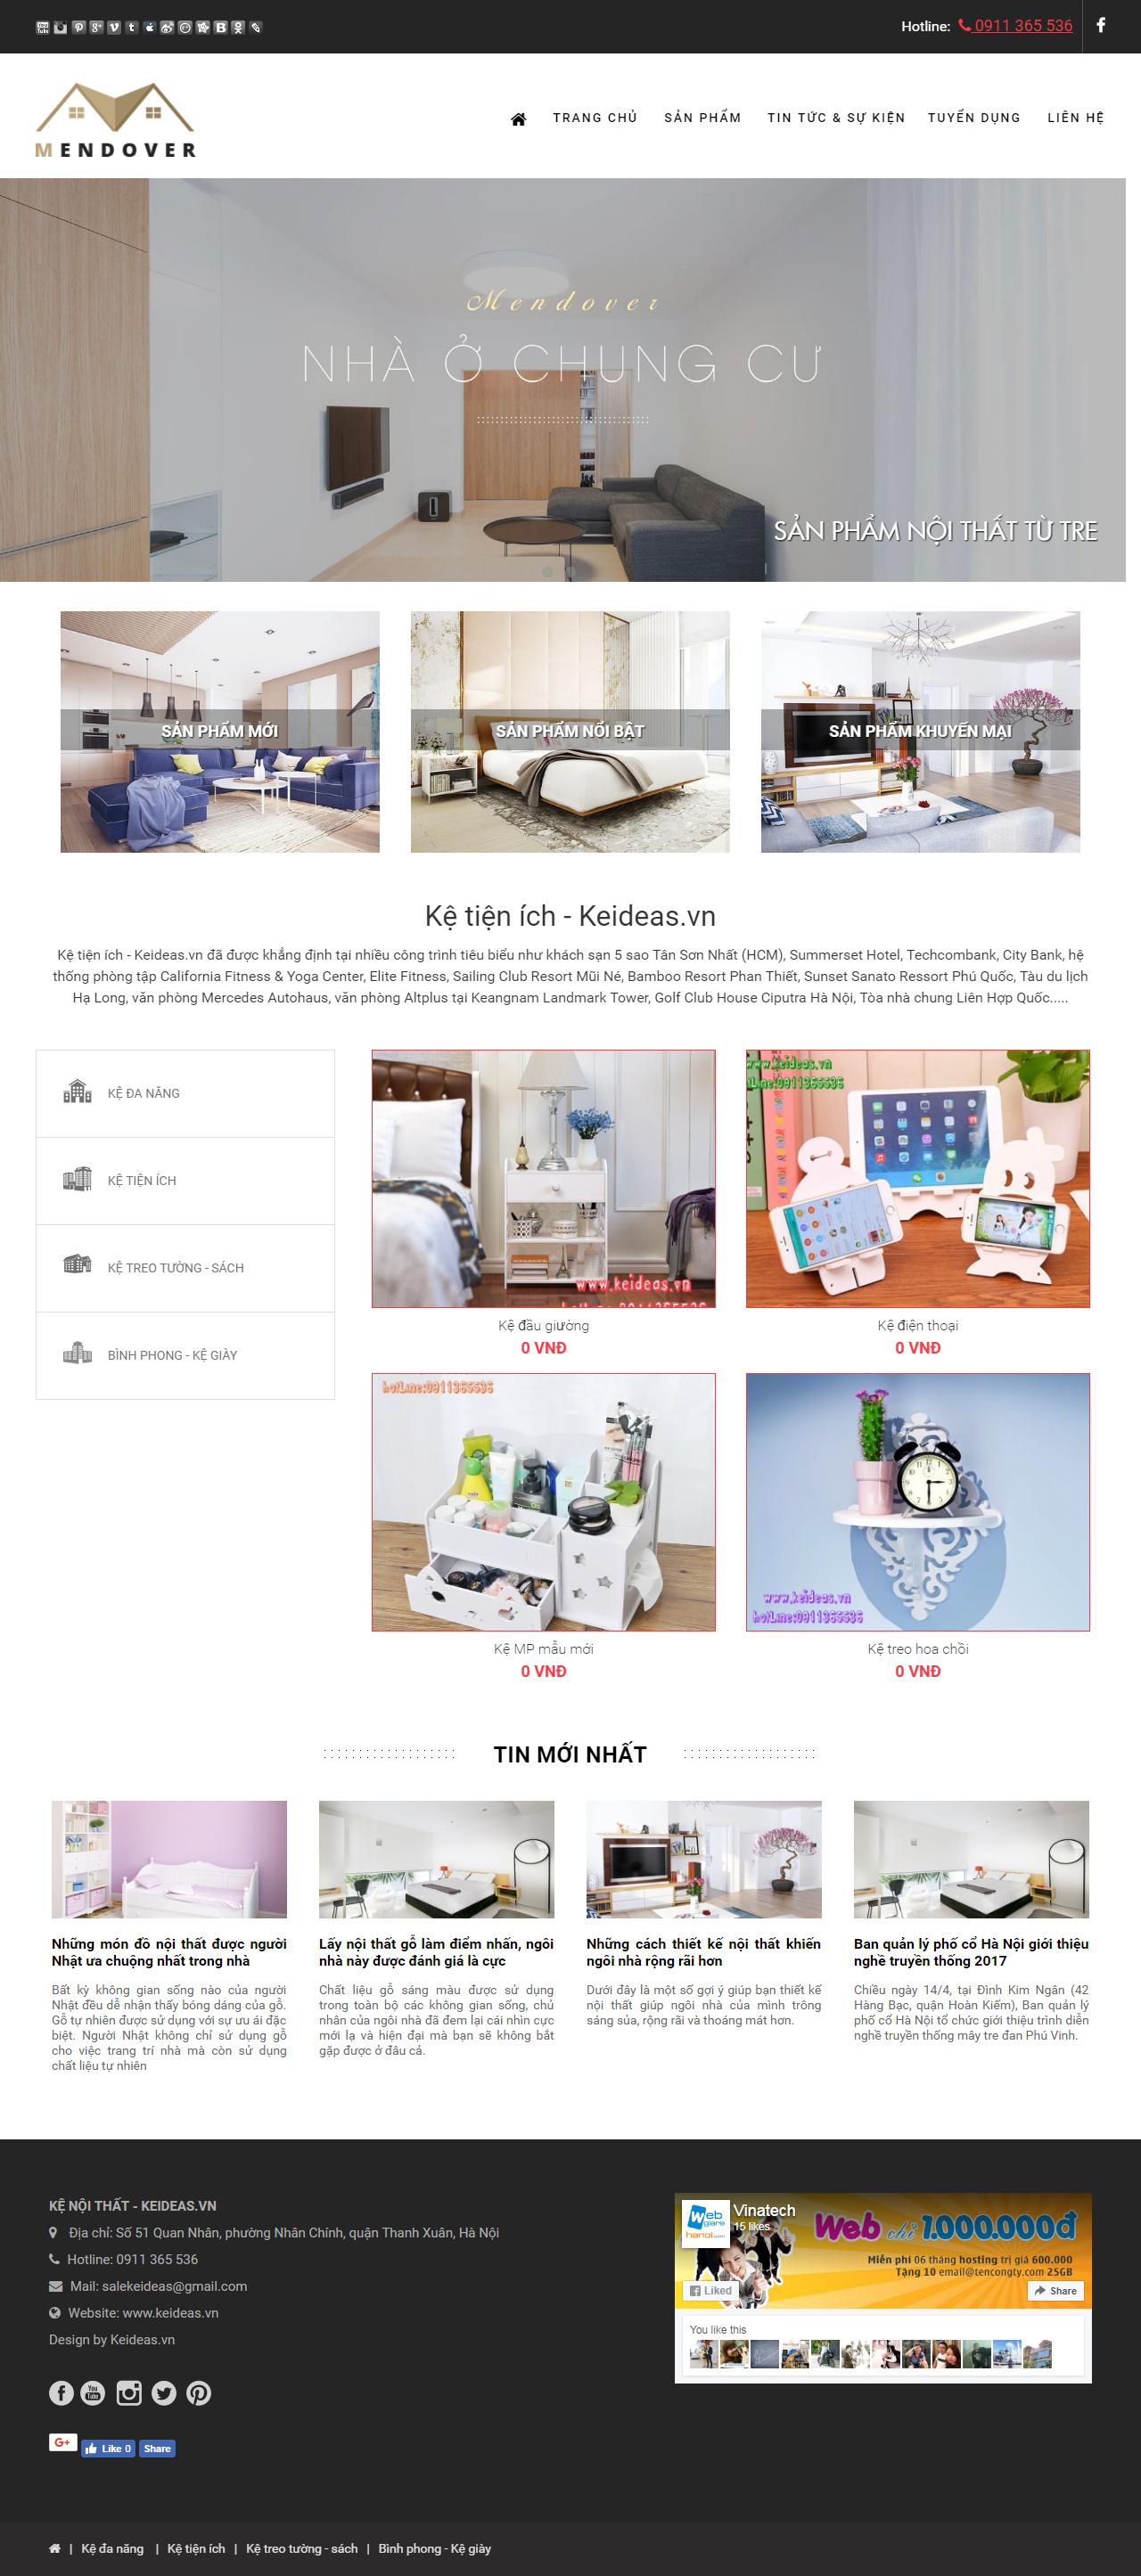 Thiết kế web giá rẻ nội thất